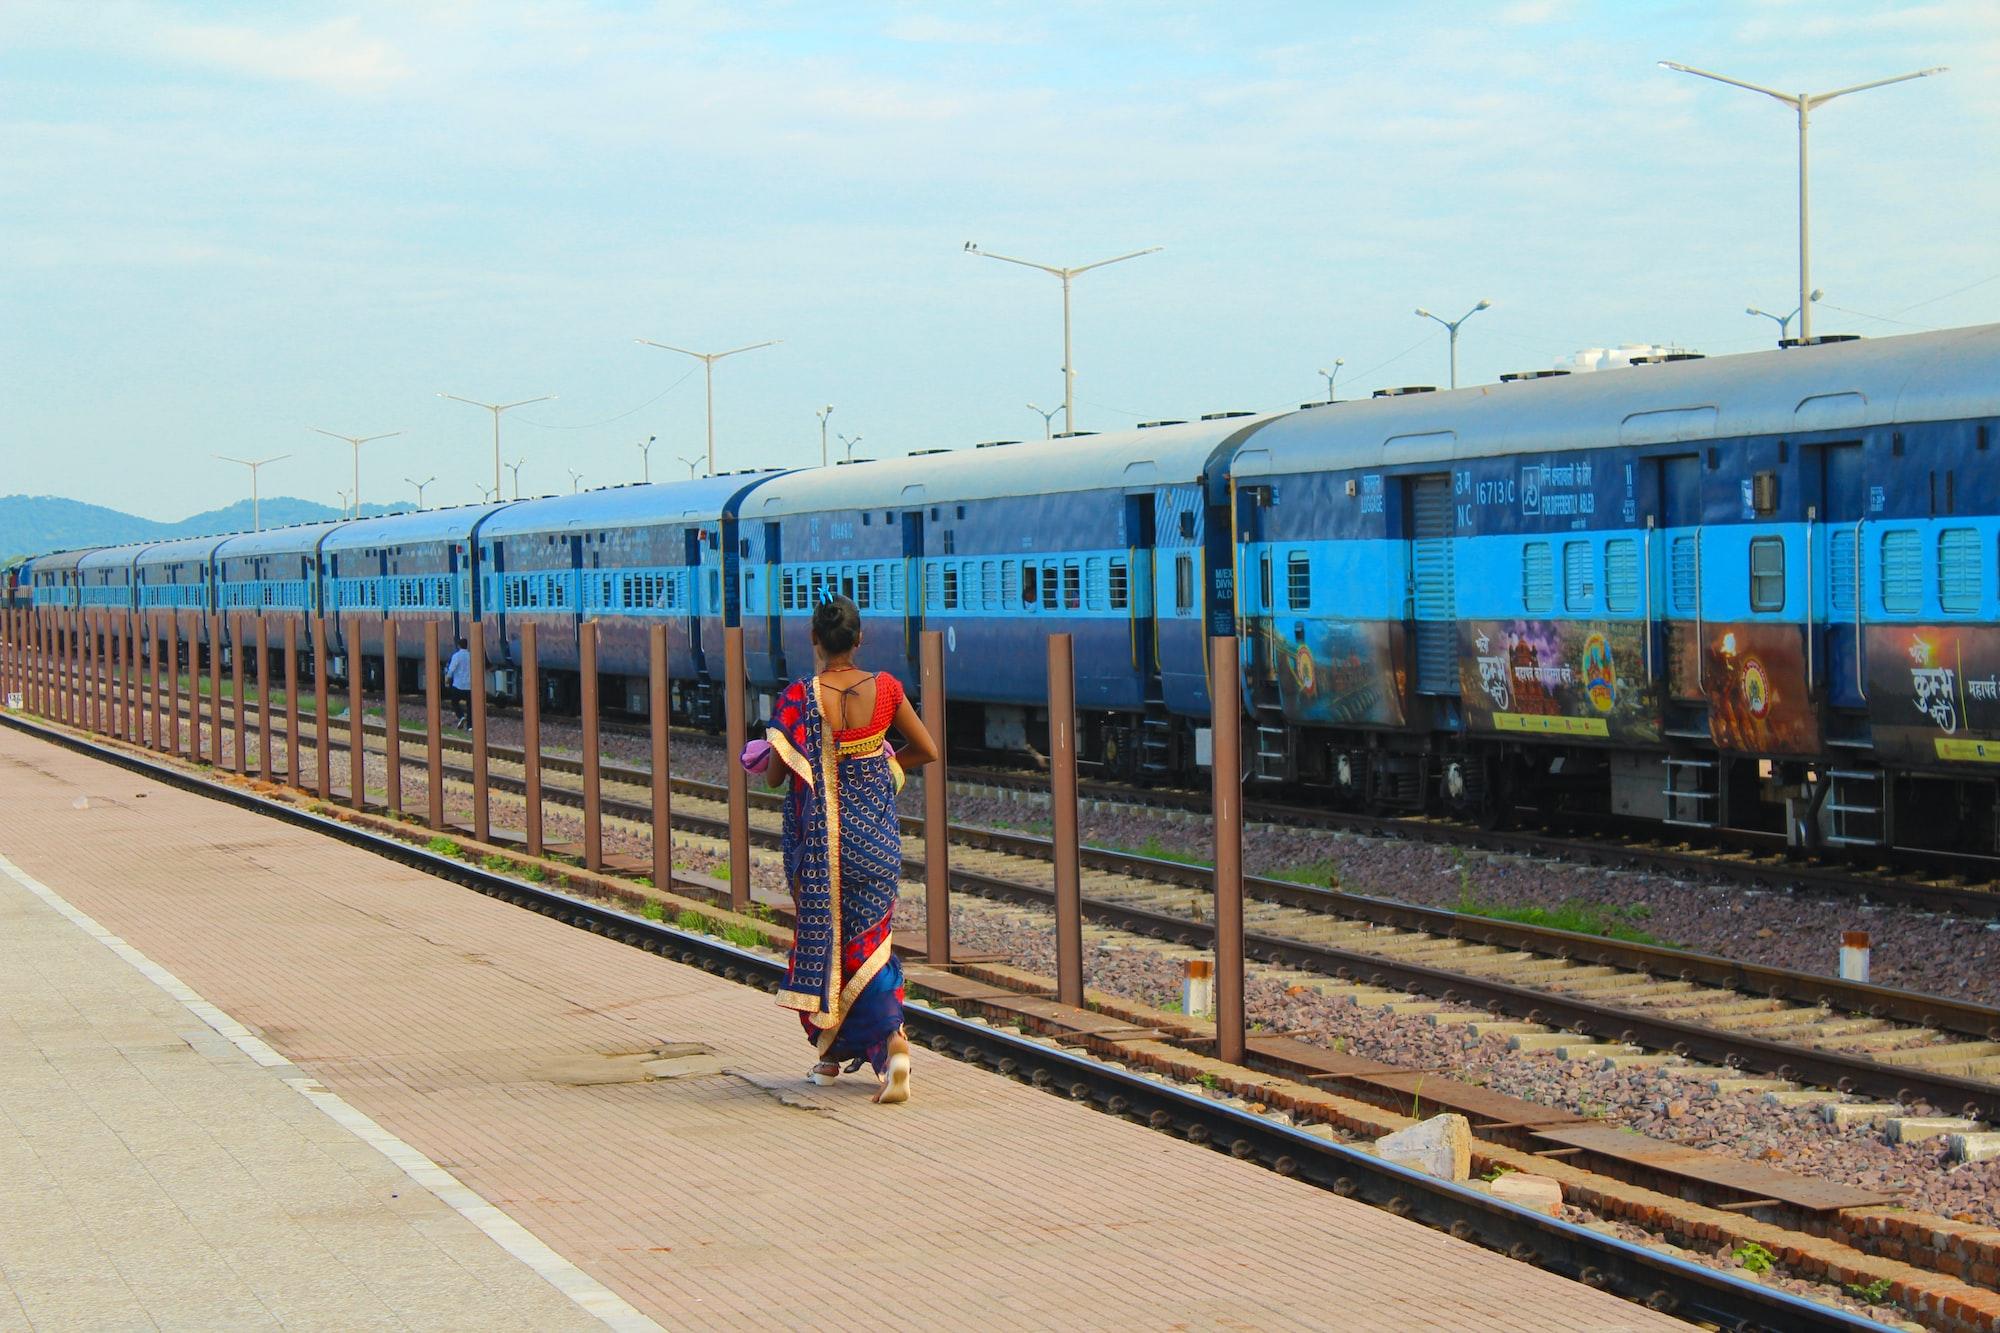 देखो अपना देश, भारतीय रेलवे ने इन पर्यटकों के लिए चलाई हैं स्पेशल ट्रेनें